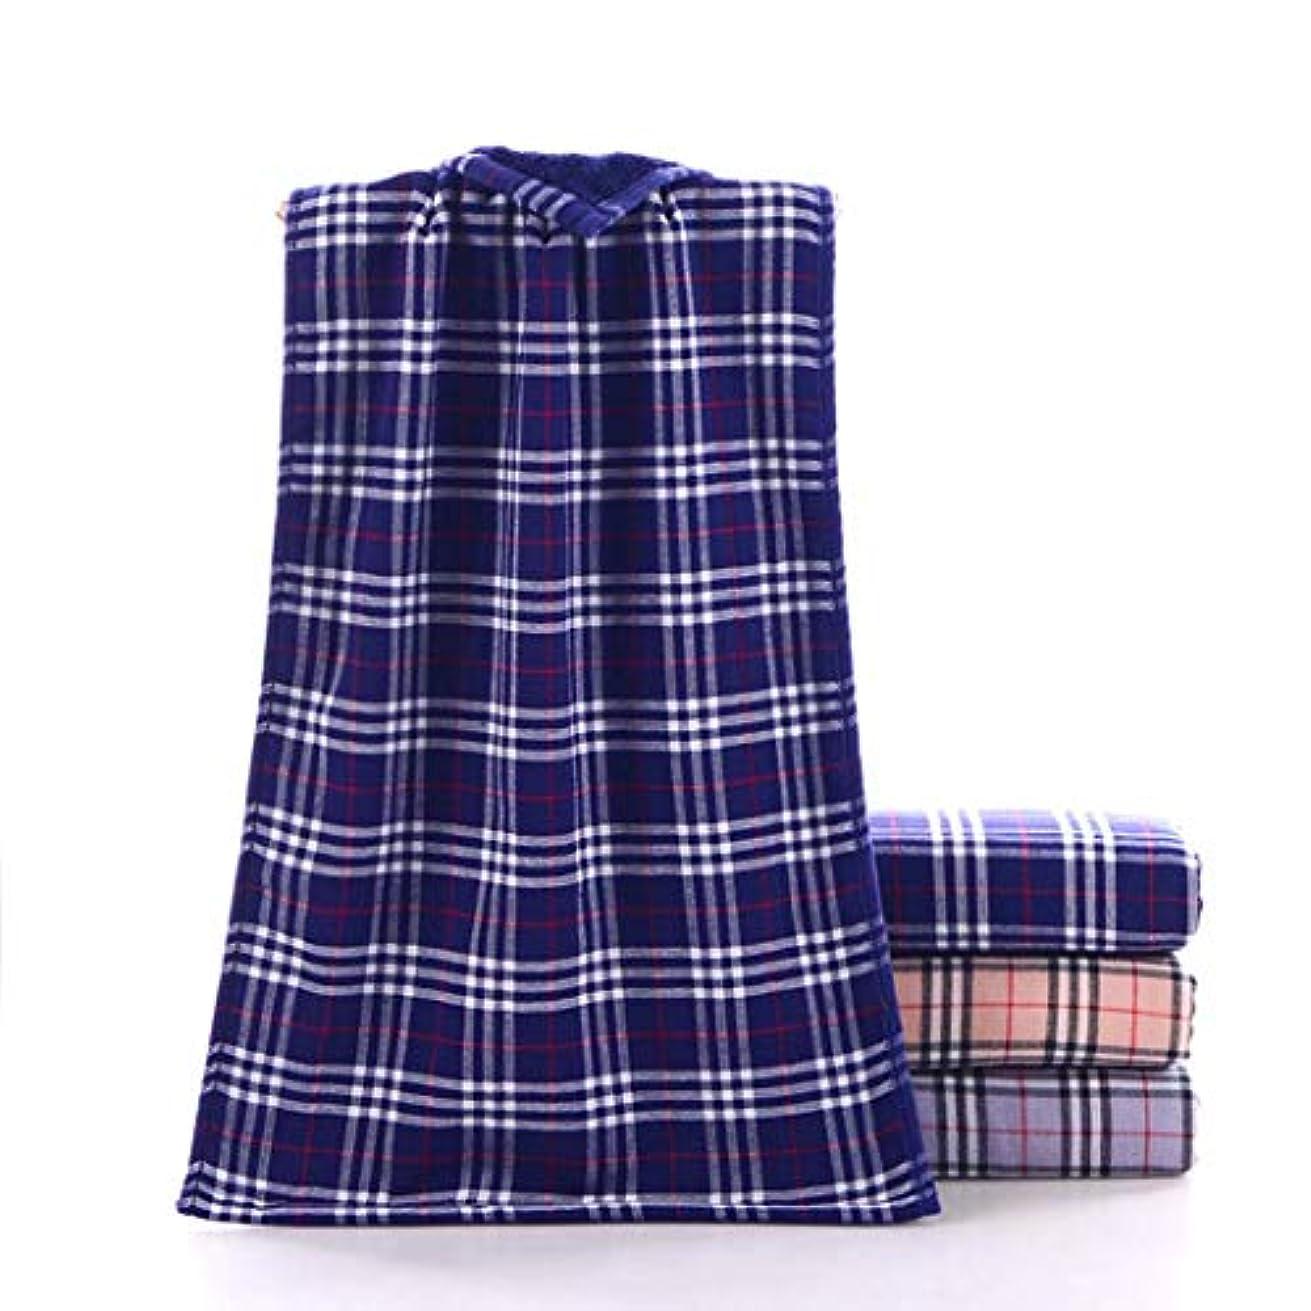 さておき溢れんばかりの評価するコットンハンドタオル非常に柔らかく、吸収性があり、毎日,Blue,34*75cm